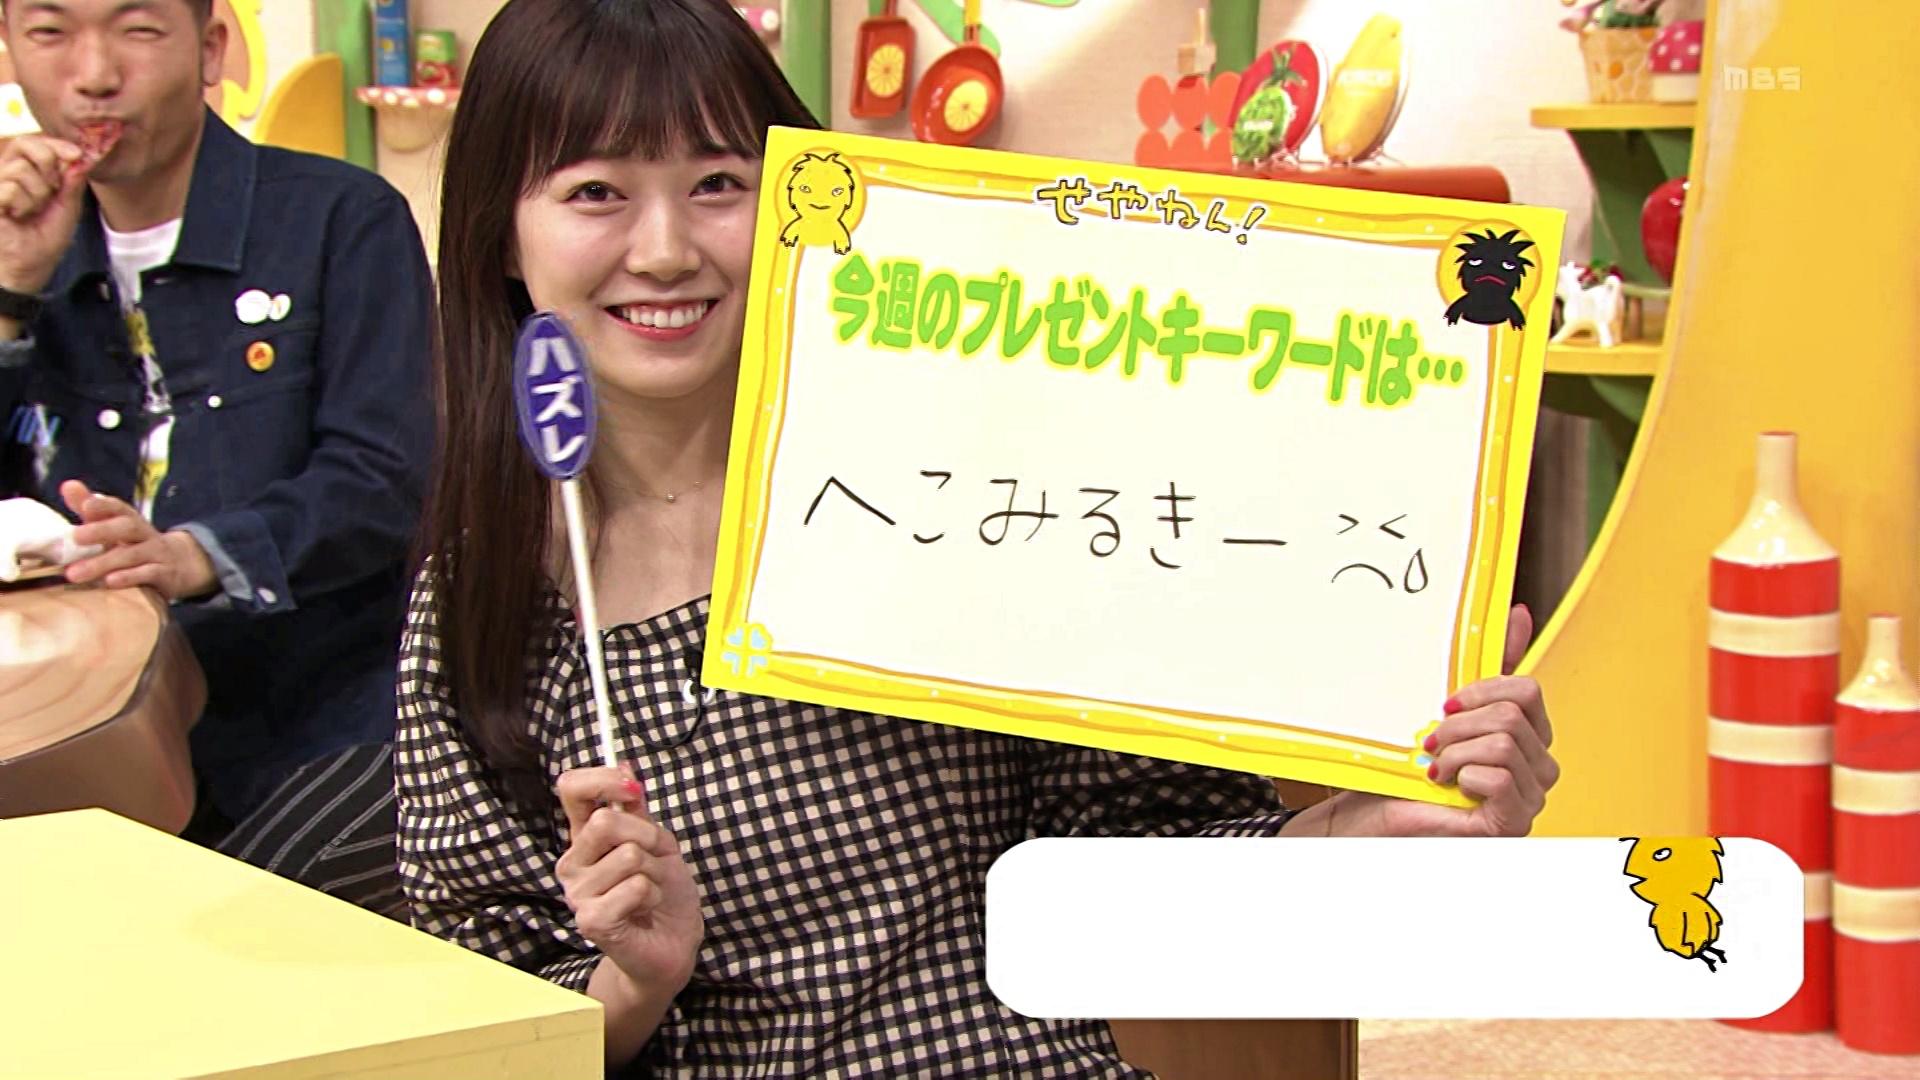 【渡辺美優紀】3/16 MBS「せやねん」にゲスト出演。お得グルメゲットならずでへこみるきー😂